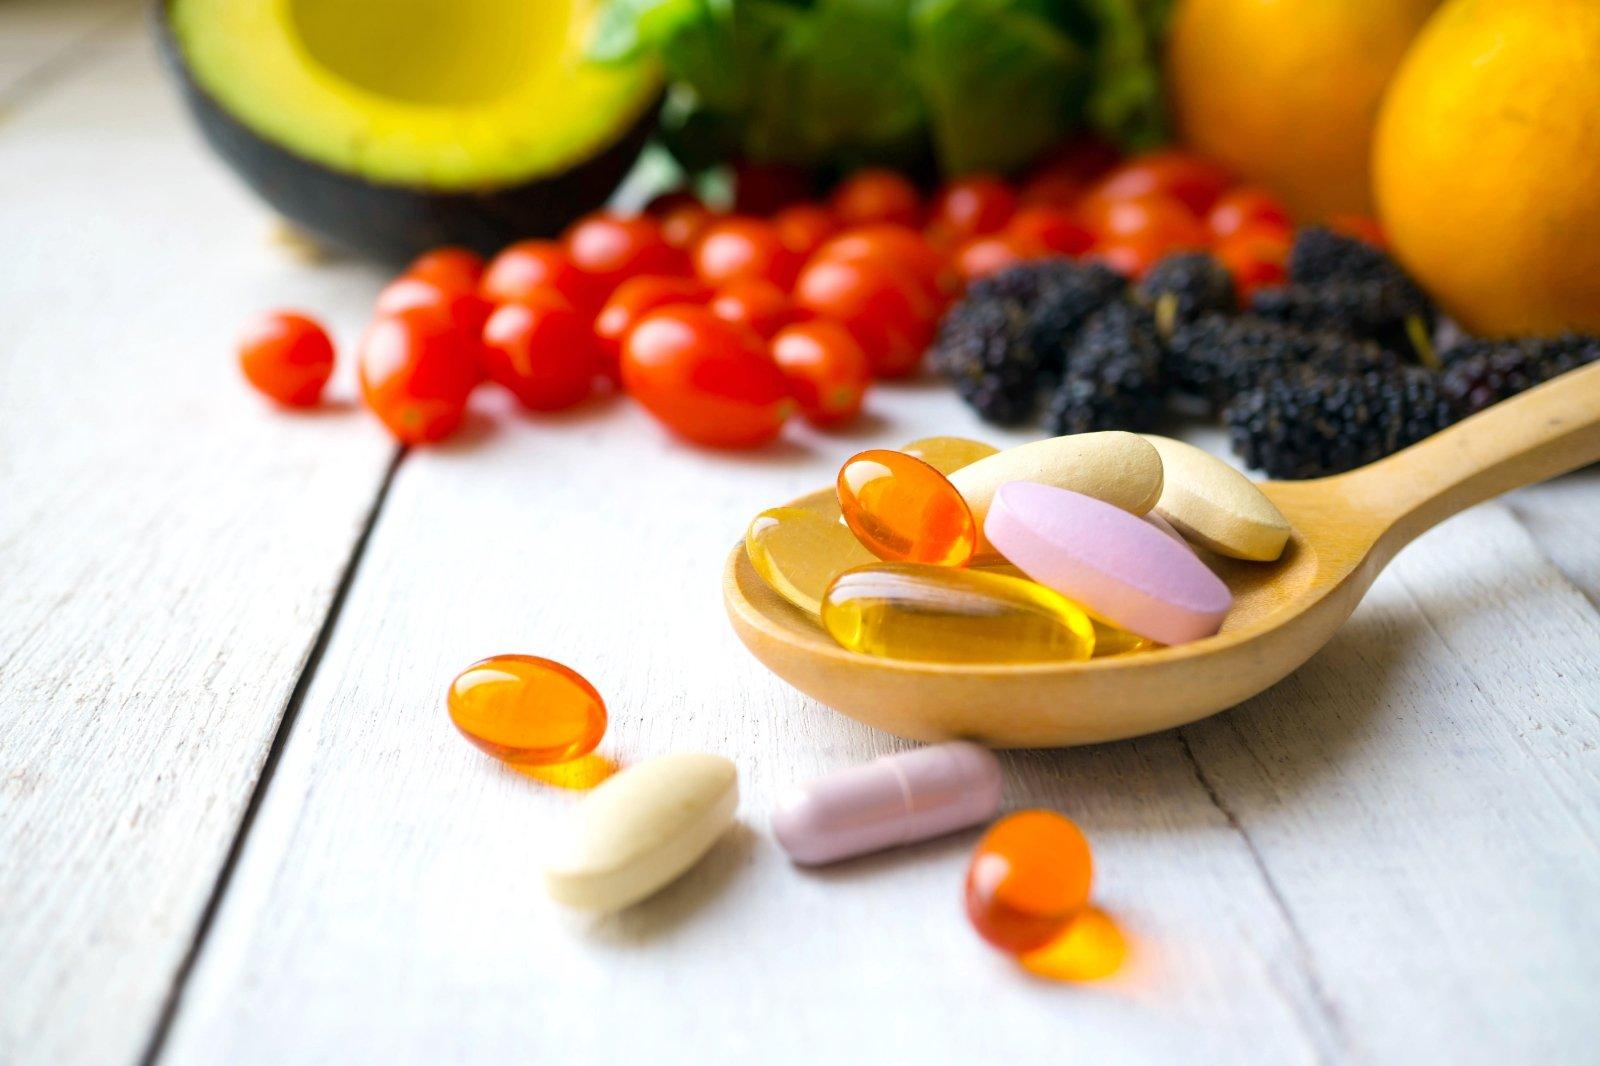 geriausi vitaminai papildai širdies sveikatai